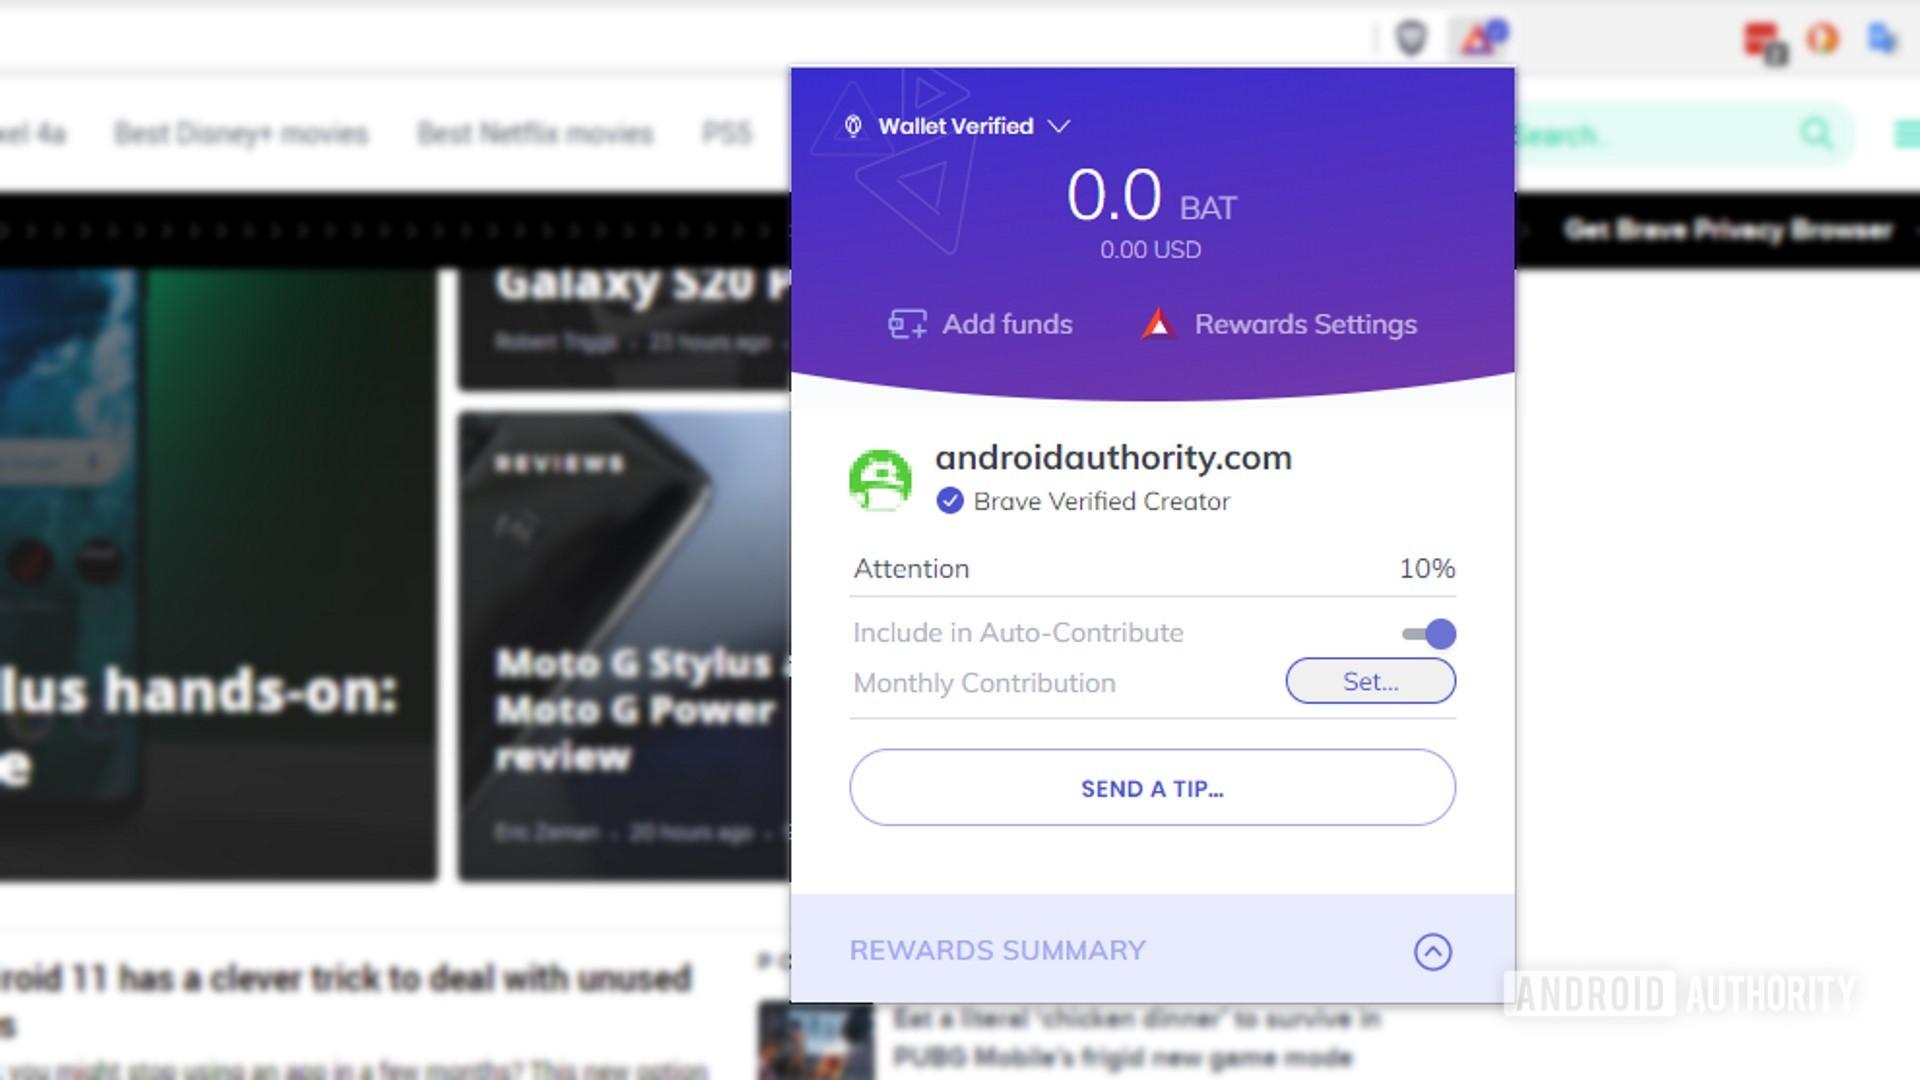 brave web browser brave rewards per site